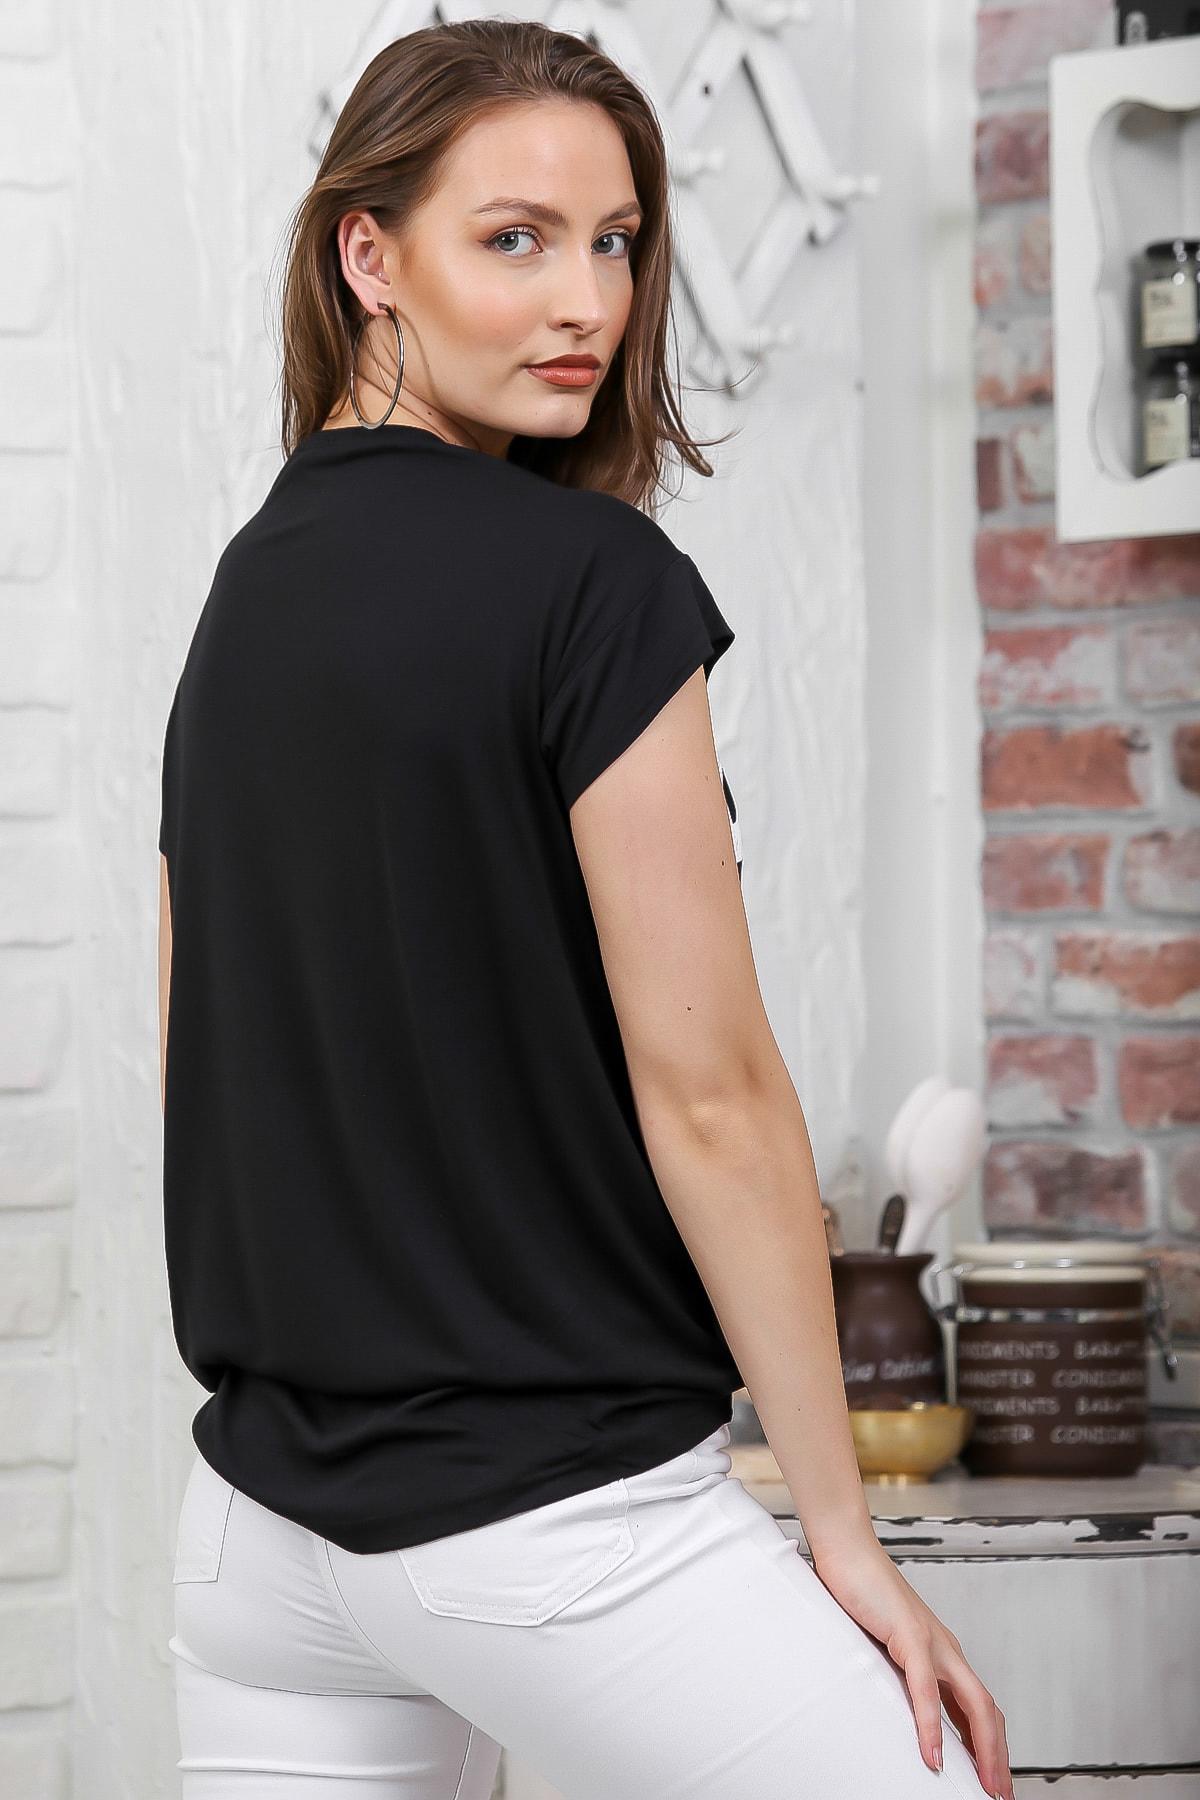 Chiccy Kadın Siyah V Yaka Pınk Baskılı Zincir Detaylı T-Shirt M10010300TS98280 3